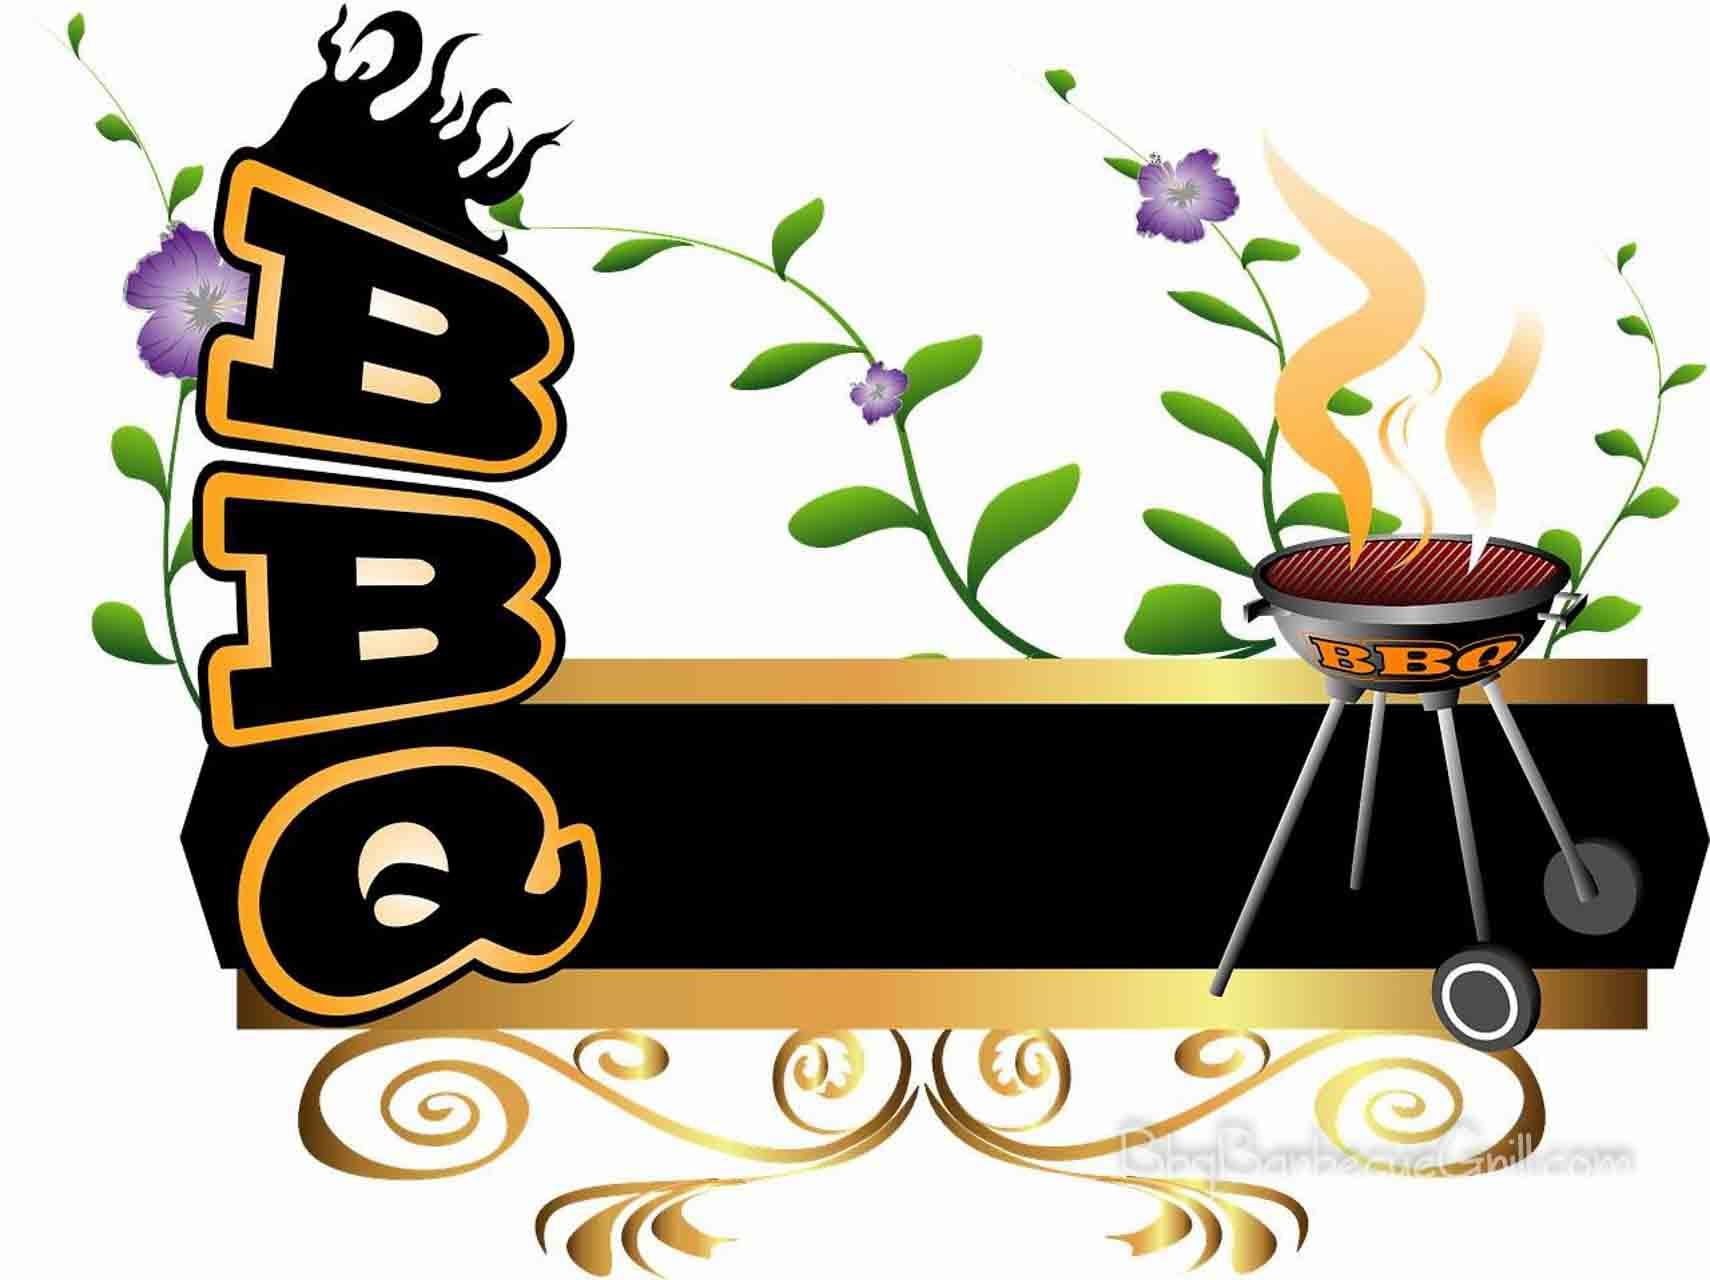 Barbecue etiquette 3